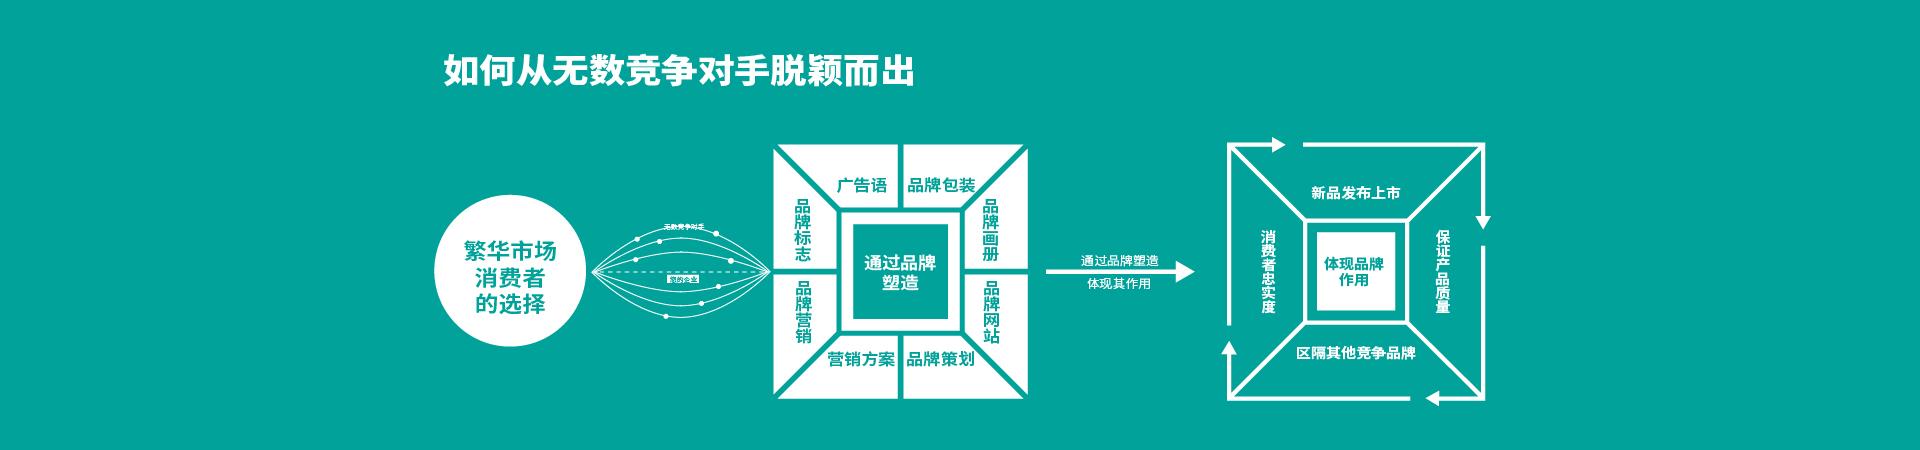 万博官方网站manbetx服务